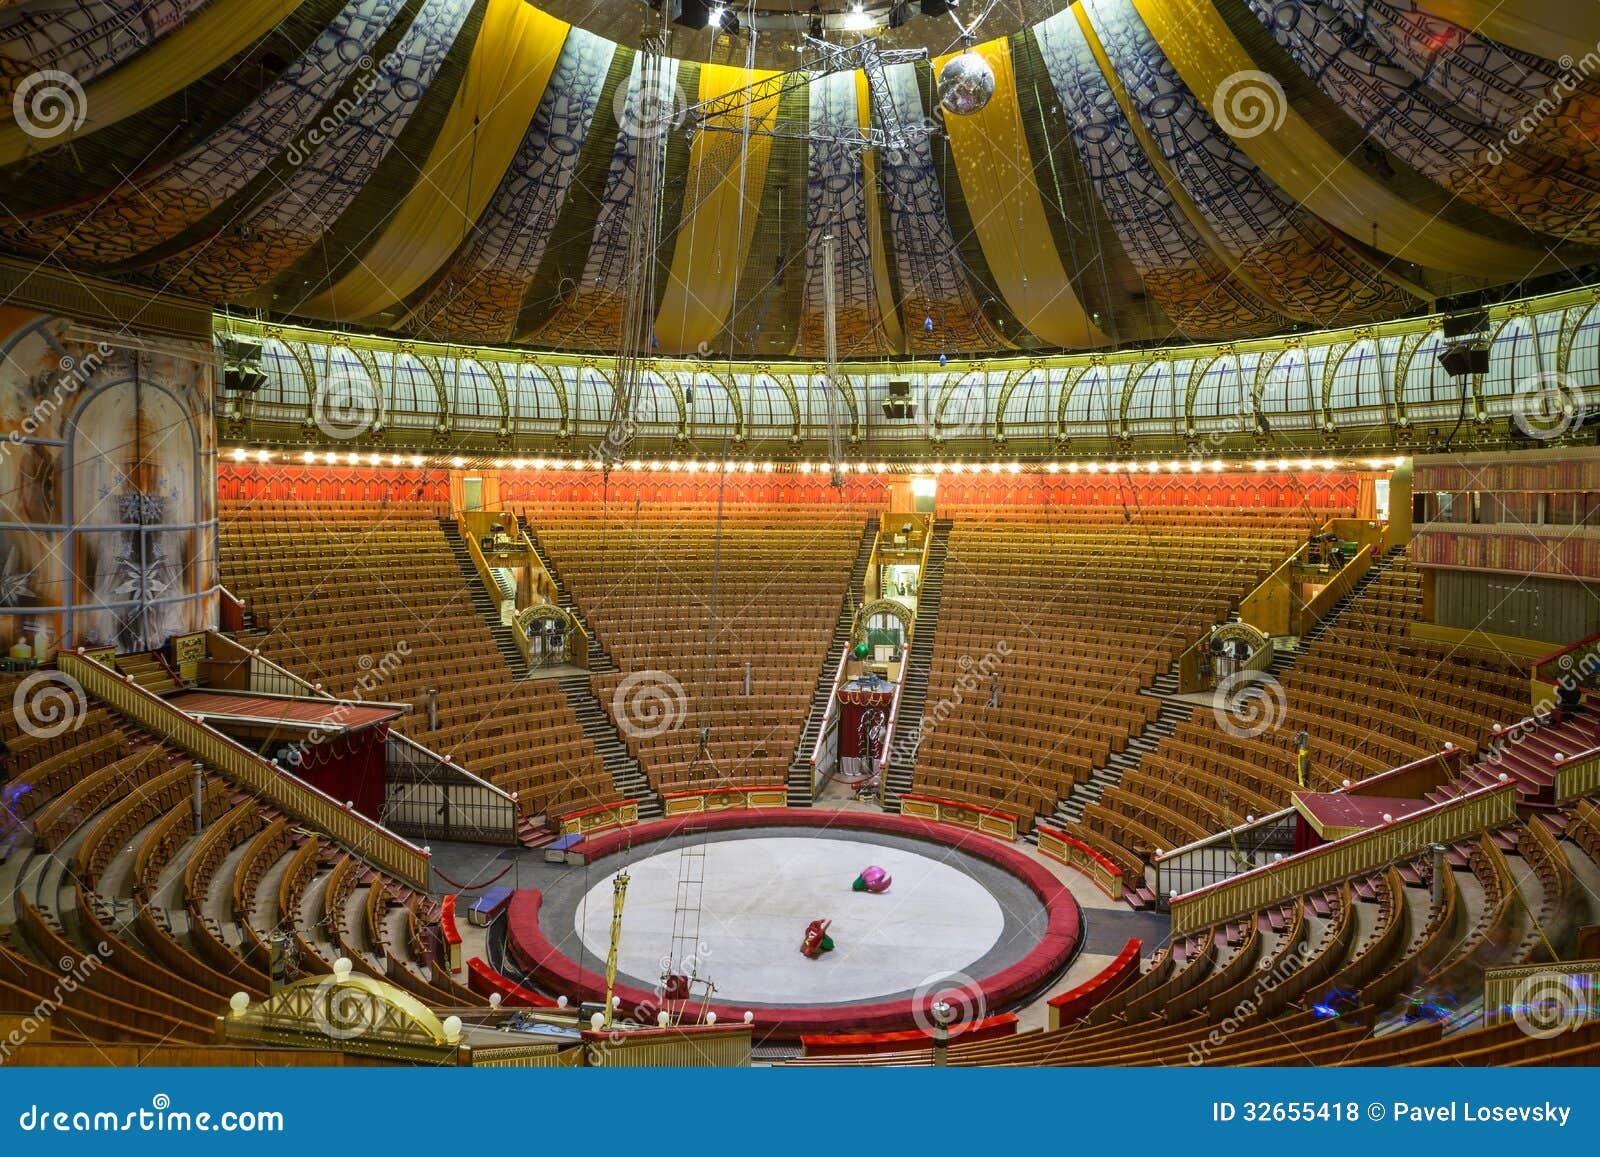 Lege zaal van het grote circus van de staat van moskou redactionele stock foto afbeelding - Versiering van de zaal van het tienermeisje van ...